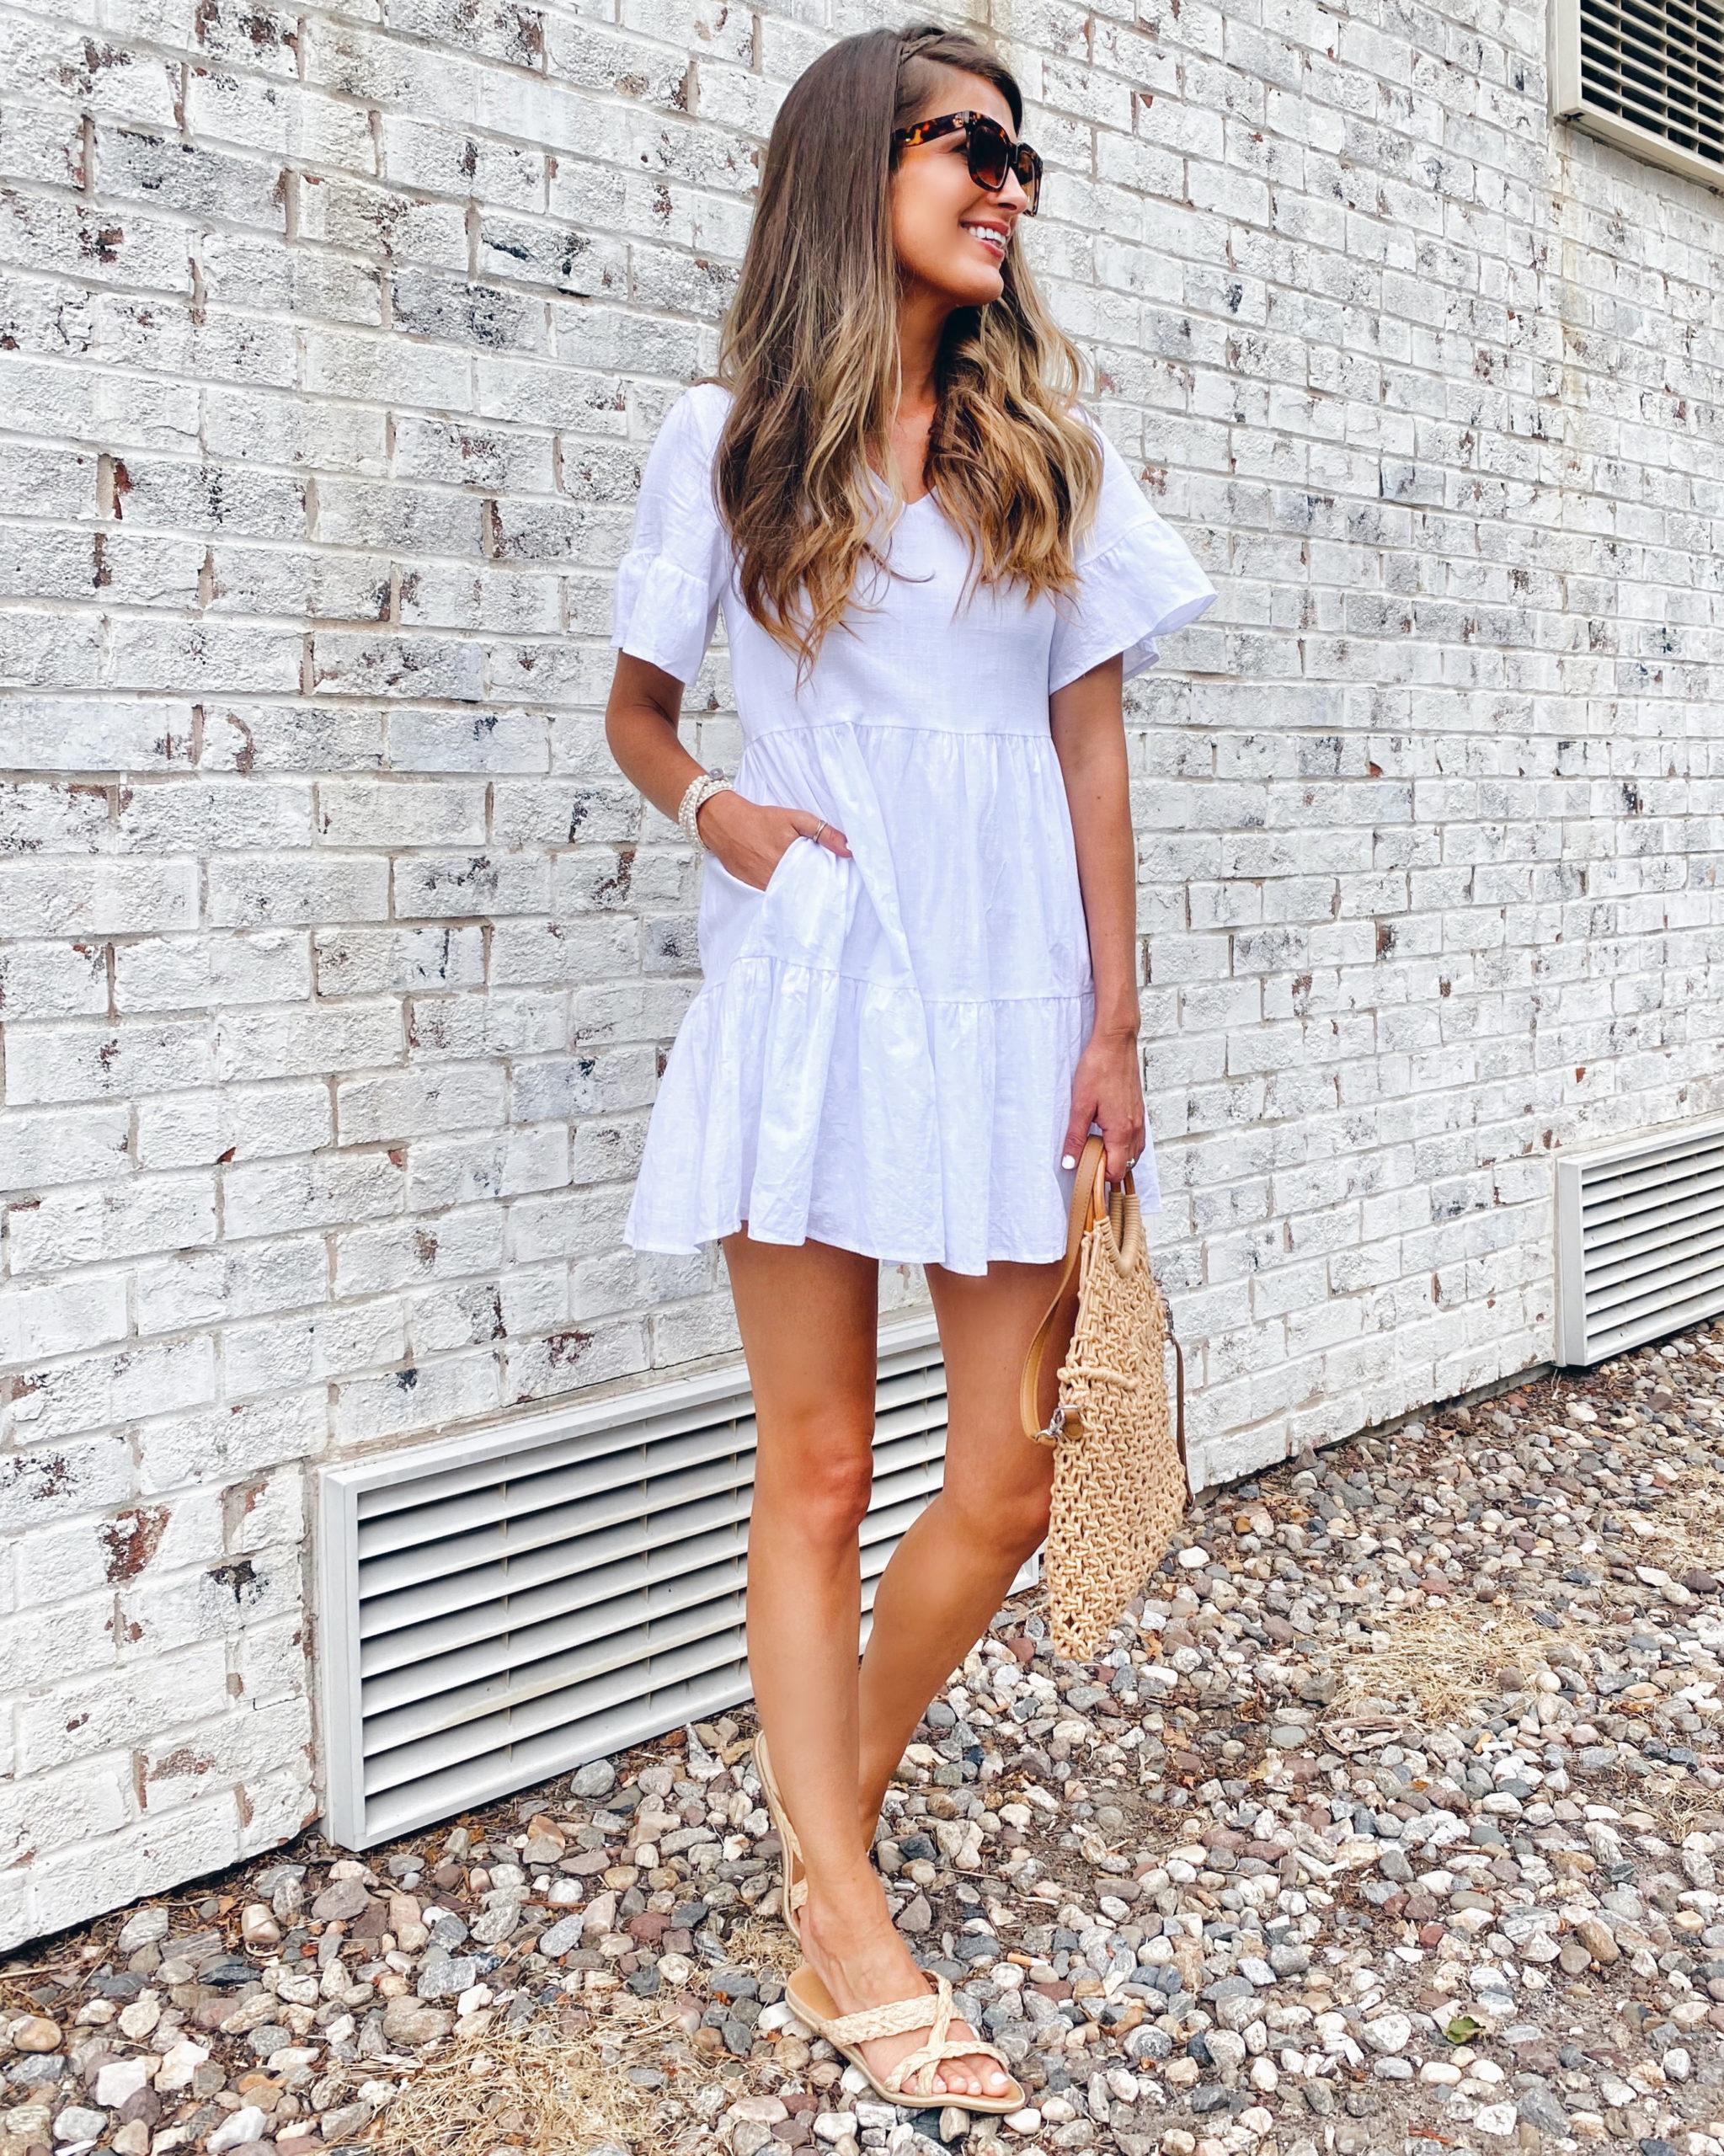 Image result for Little White Dress